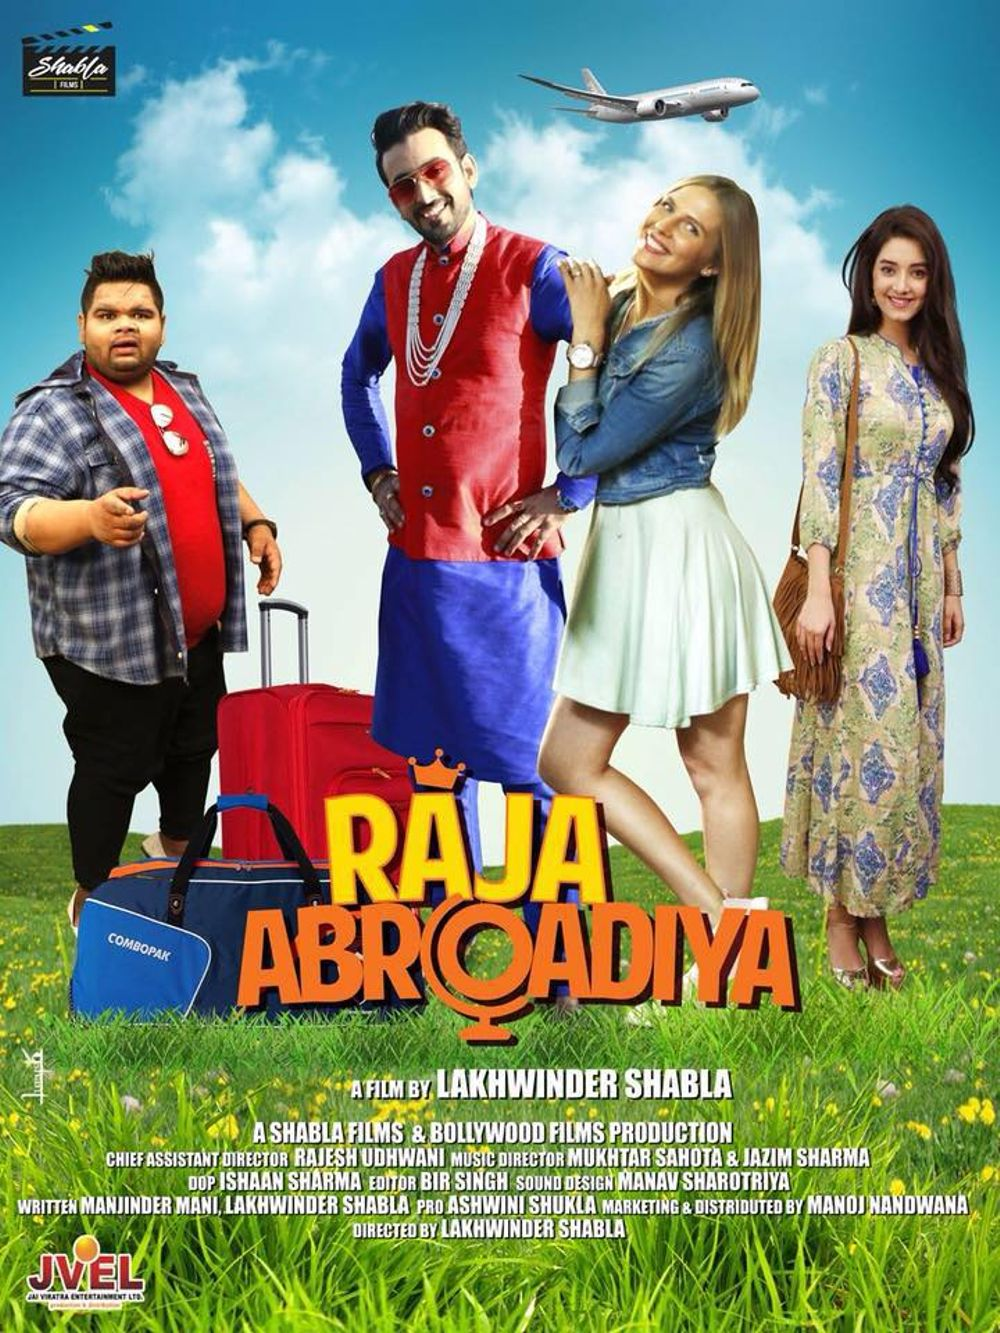 Raja Abroadiya Movie Review